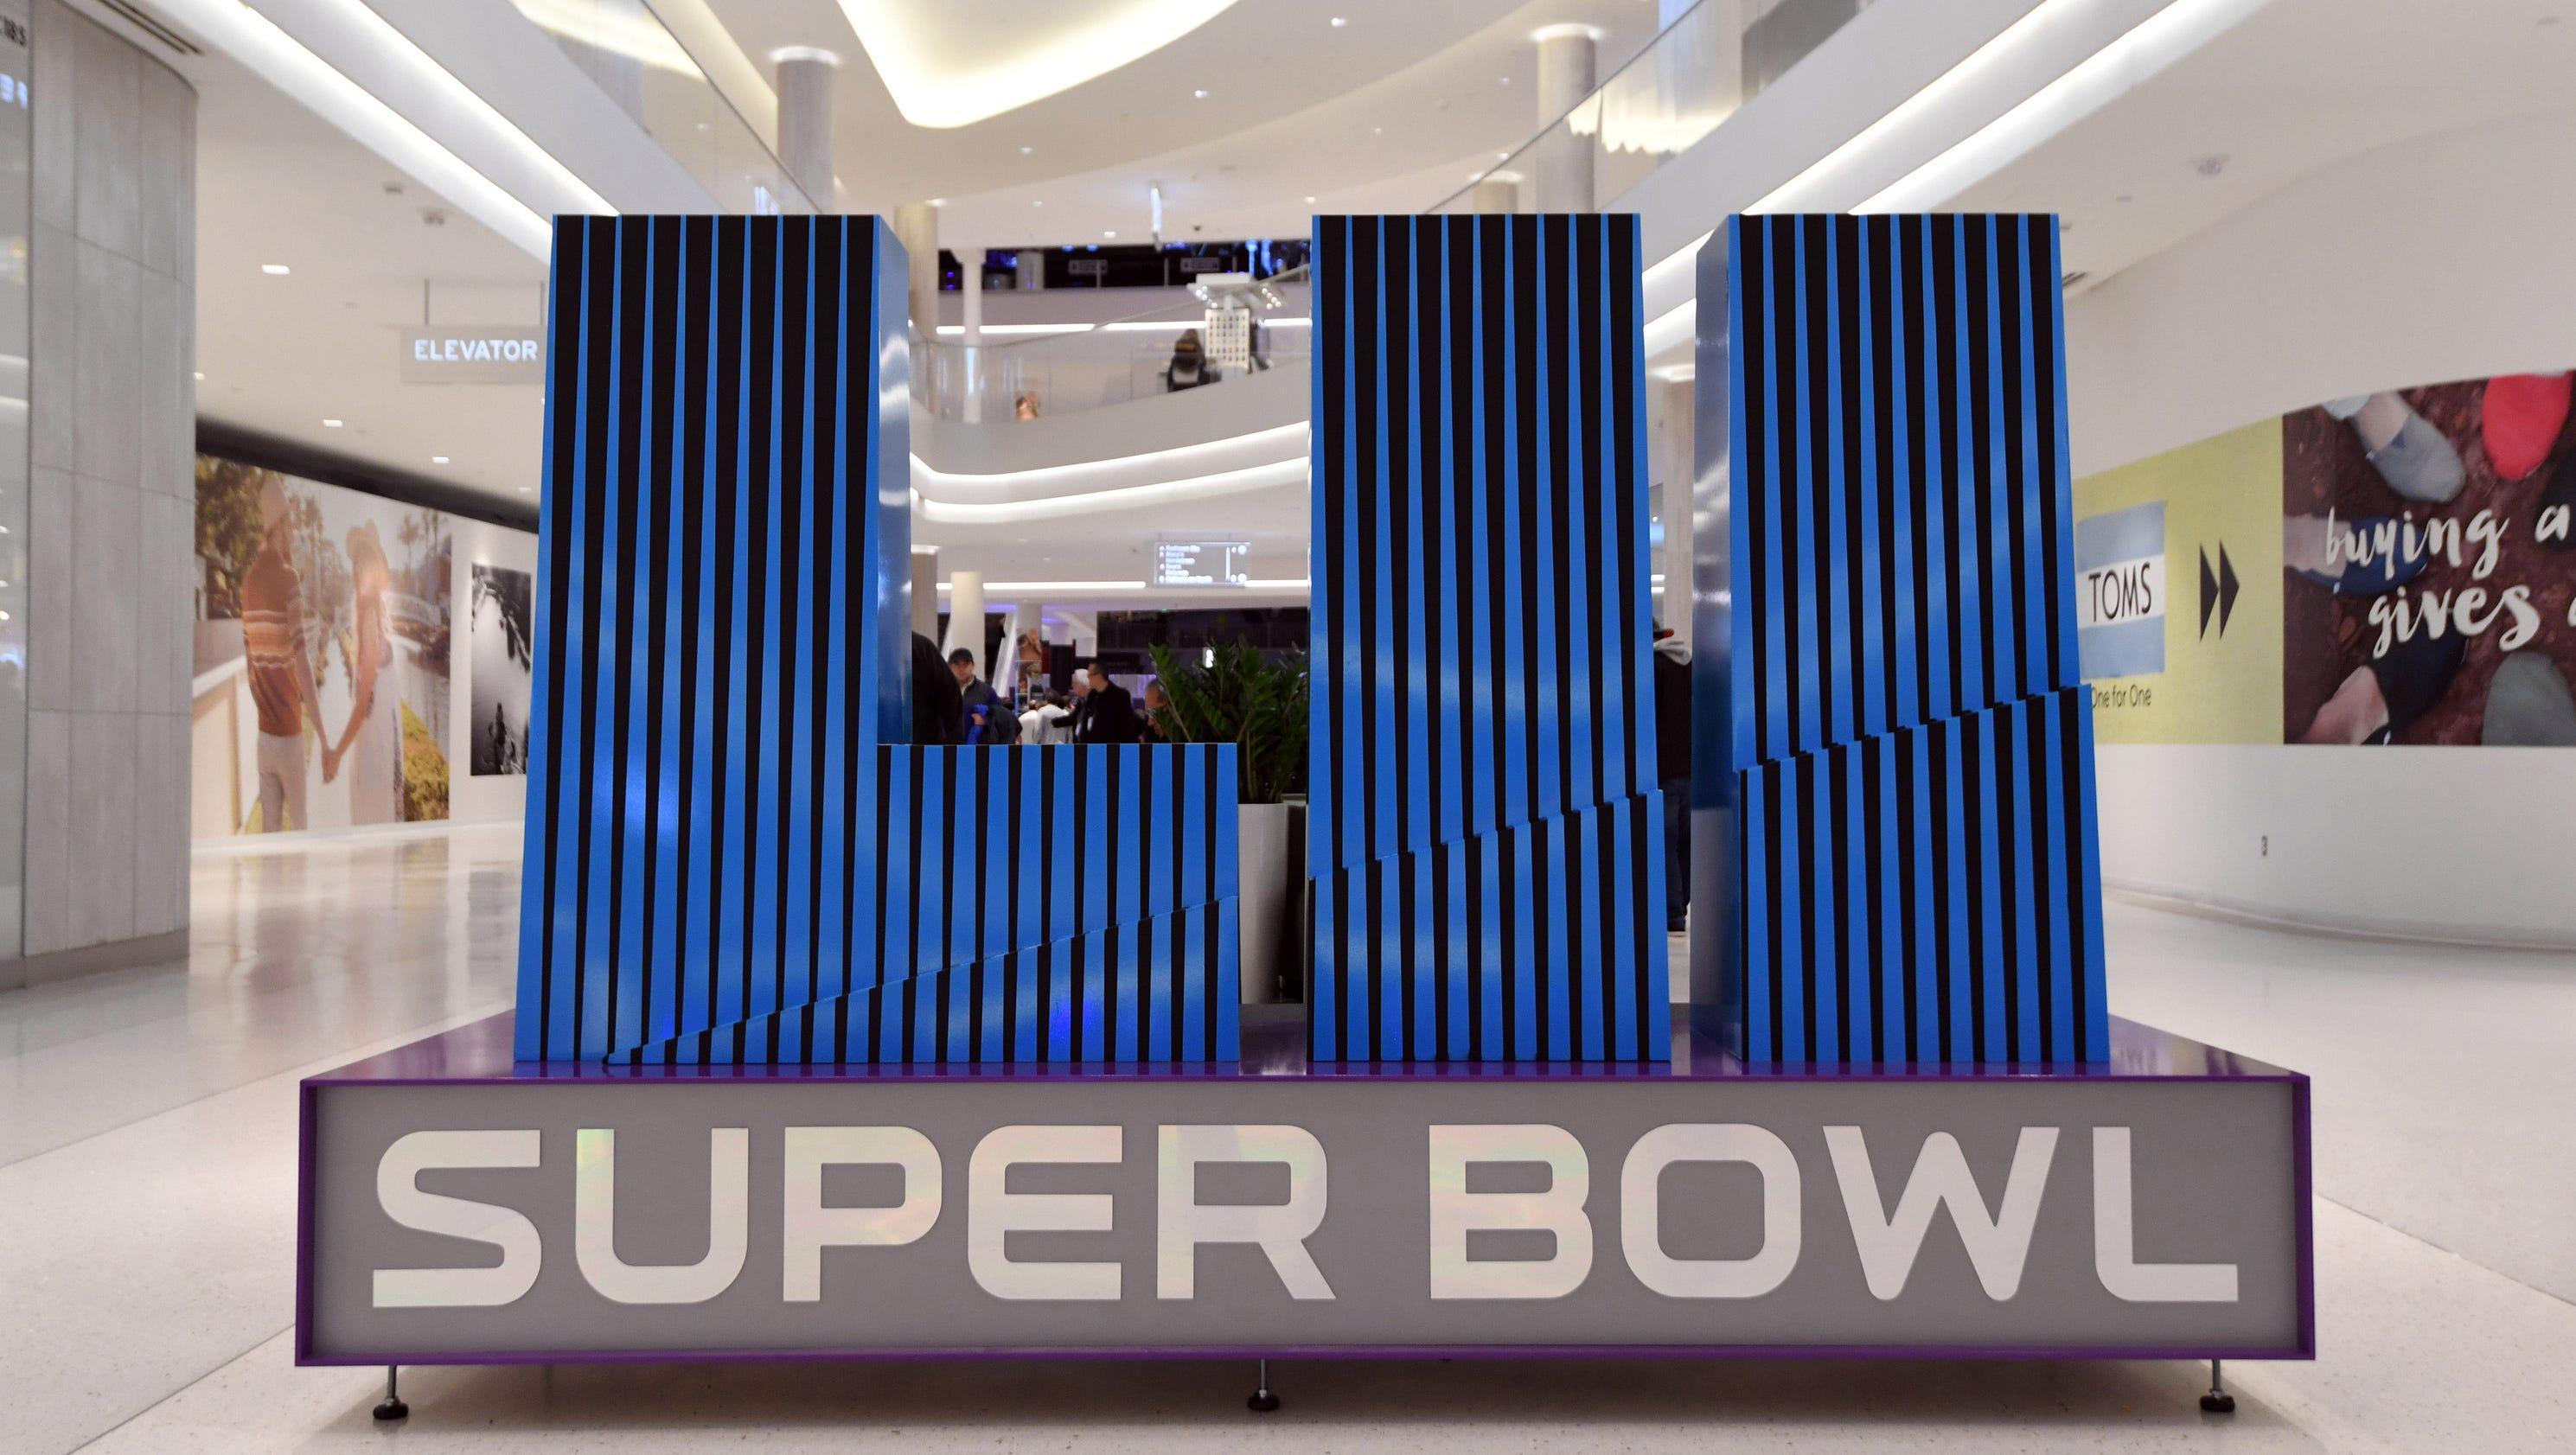 636530124624522158-usp-nfl-super-bowl-lii-city-scenes-97044642